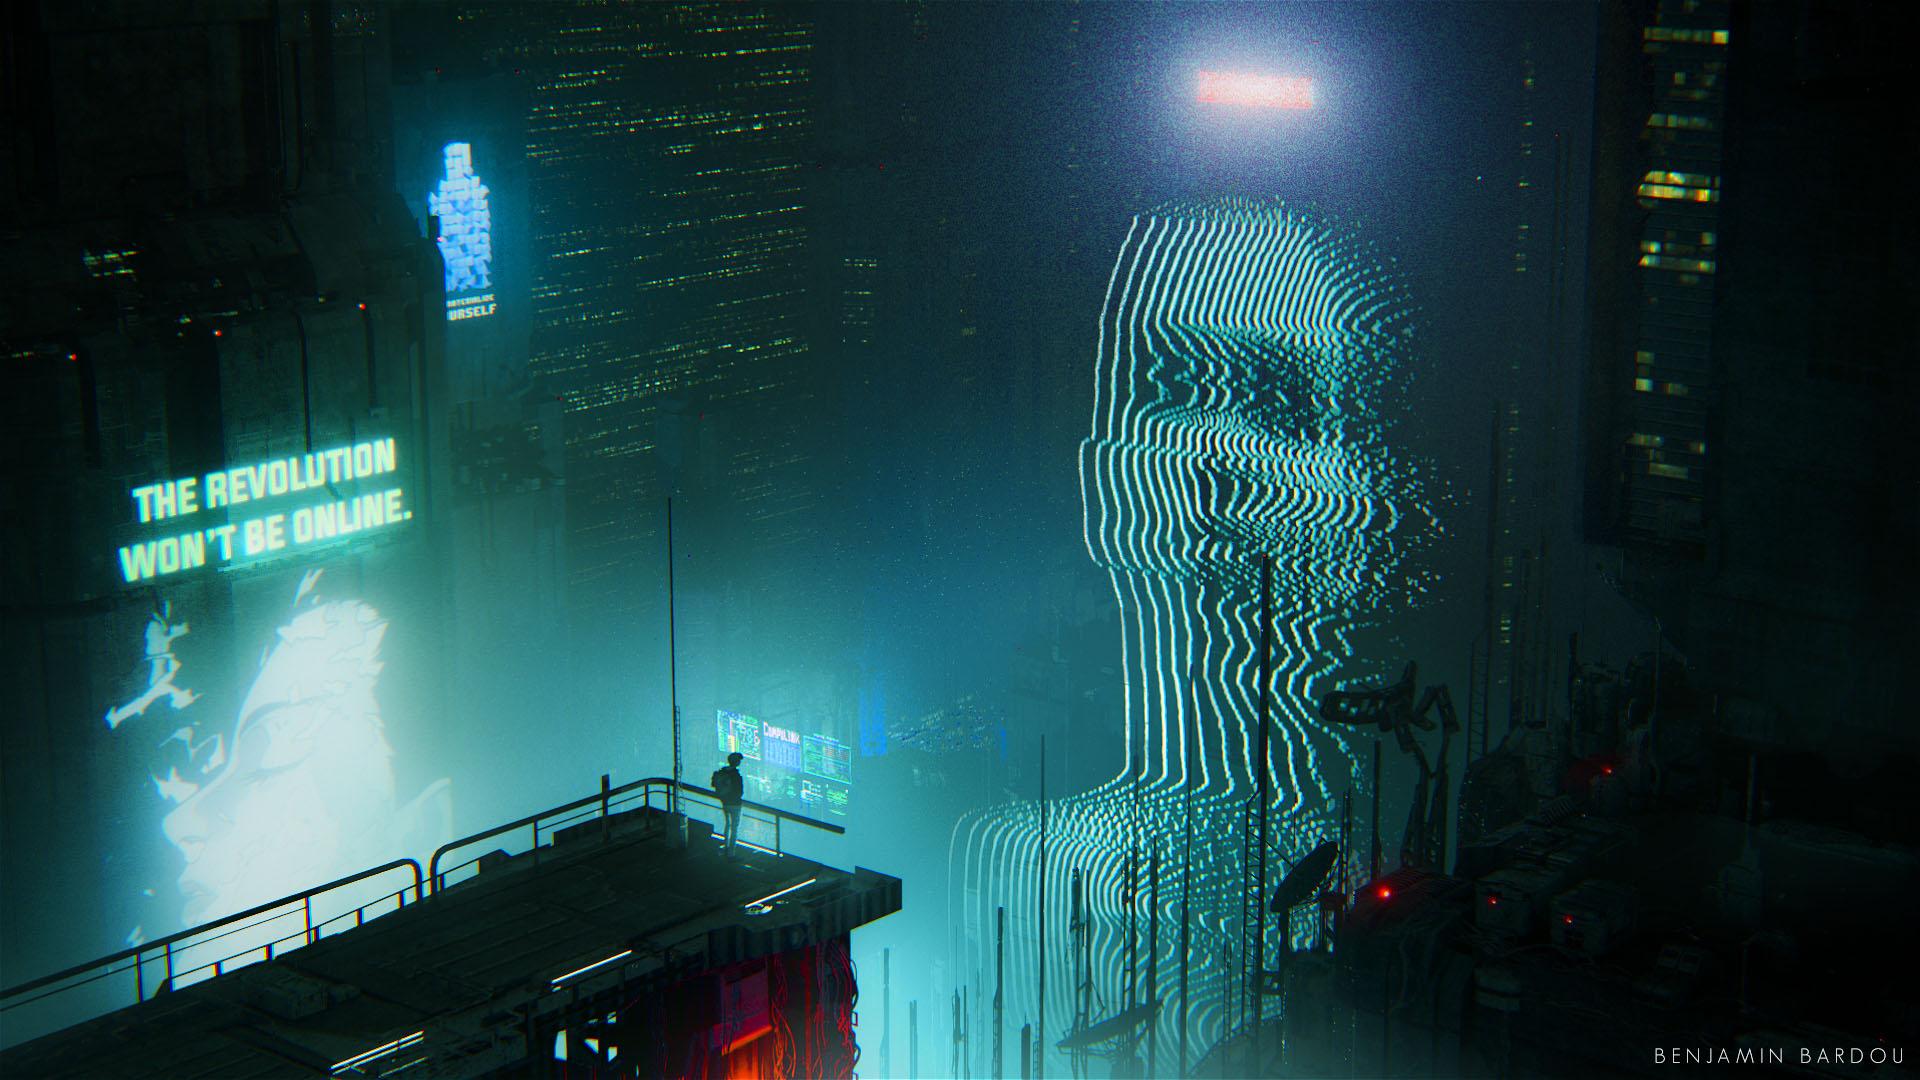 Megalopolis Blade Runner